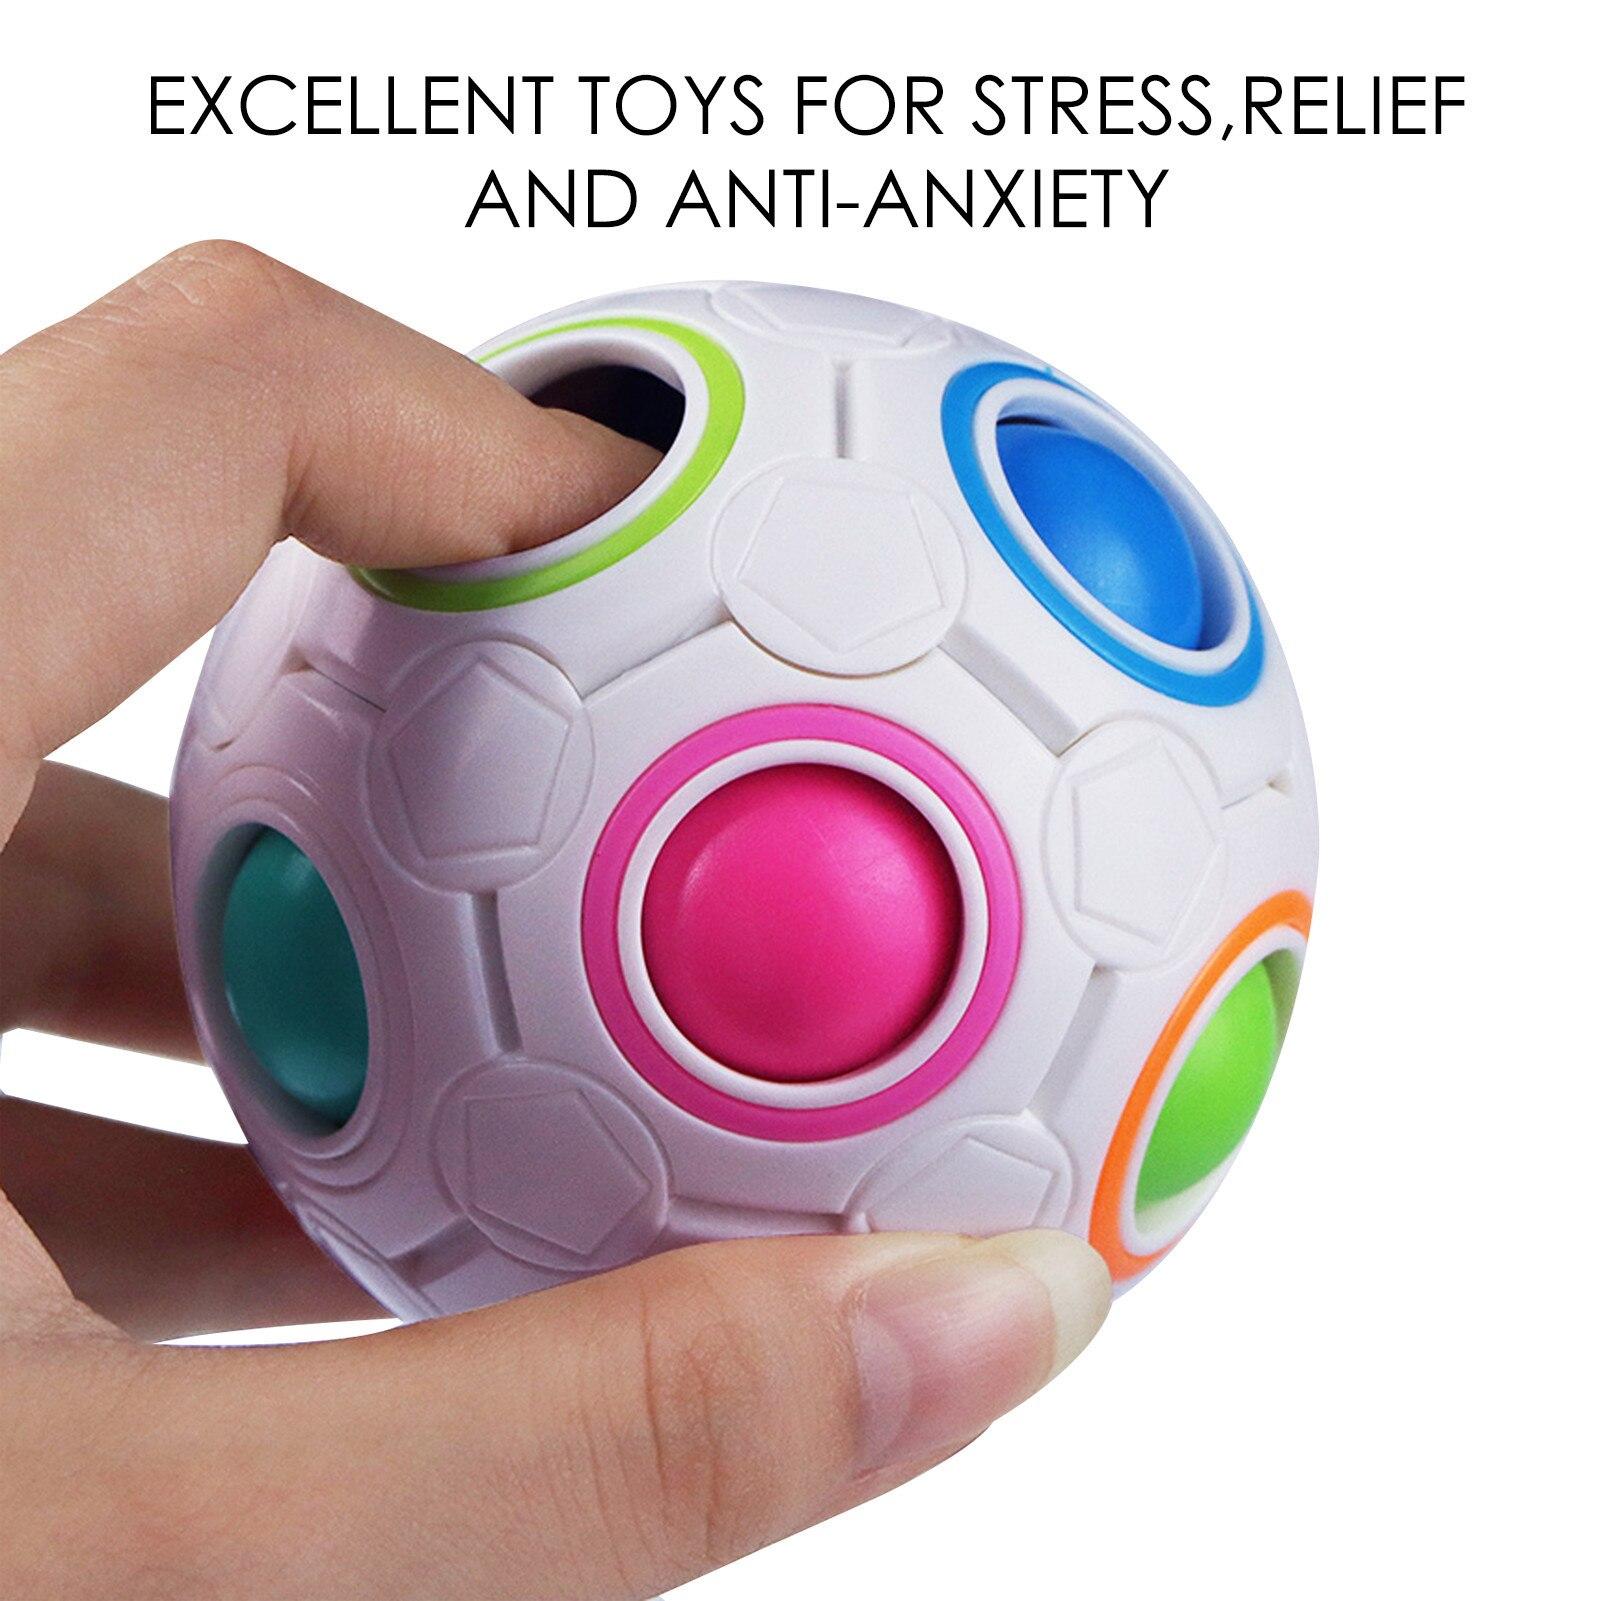 22Pcs Fidget Sensory Toy Set Stress Relief Toys Autism Relief Stress Push Pop Bubble Fidget Decompression Toy for Kids Adults enlarge